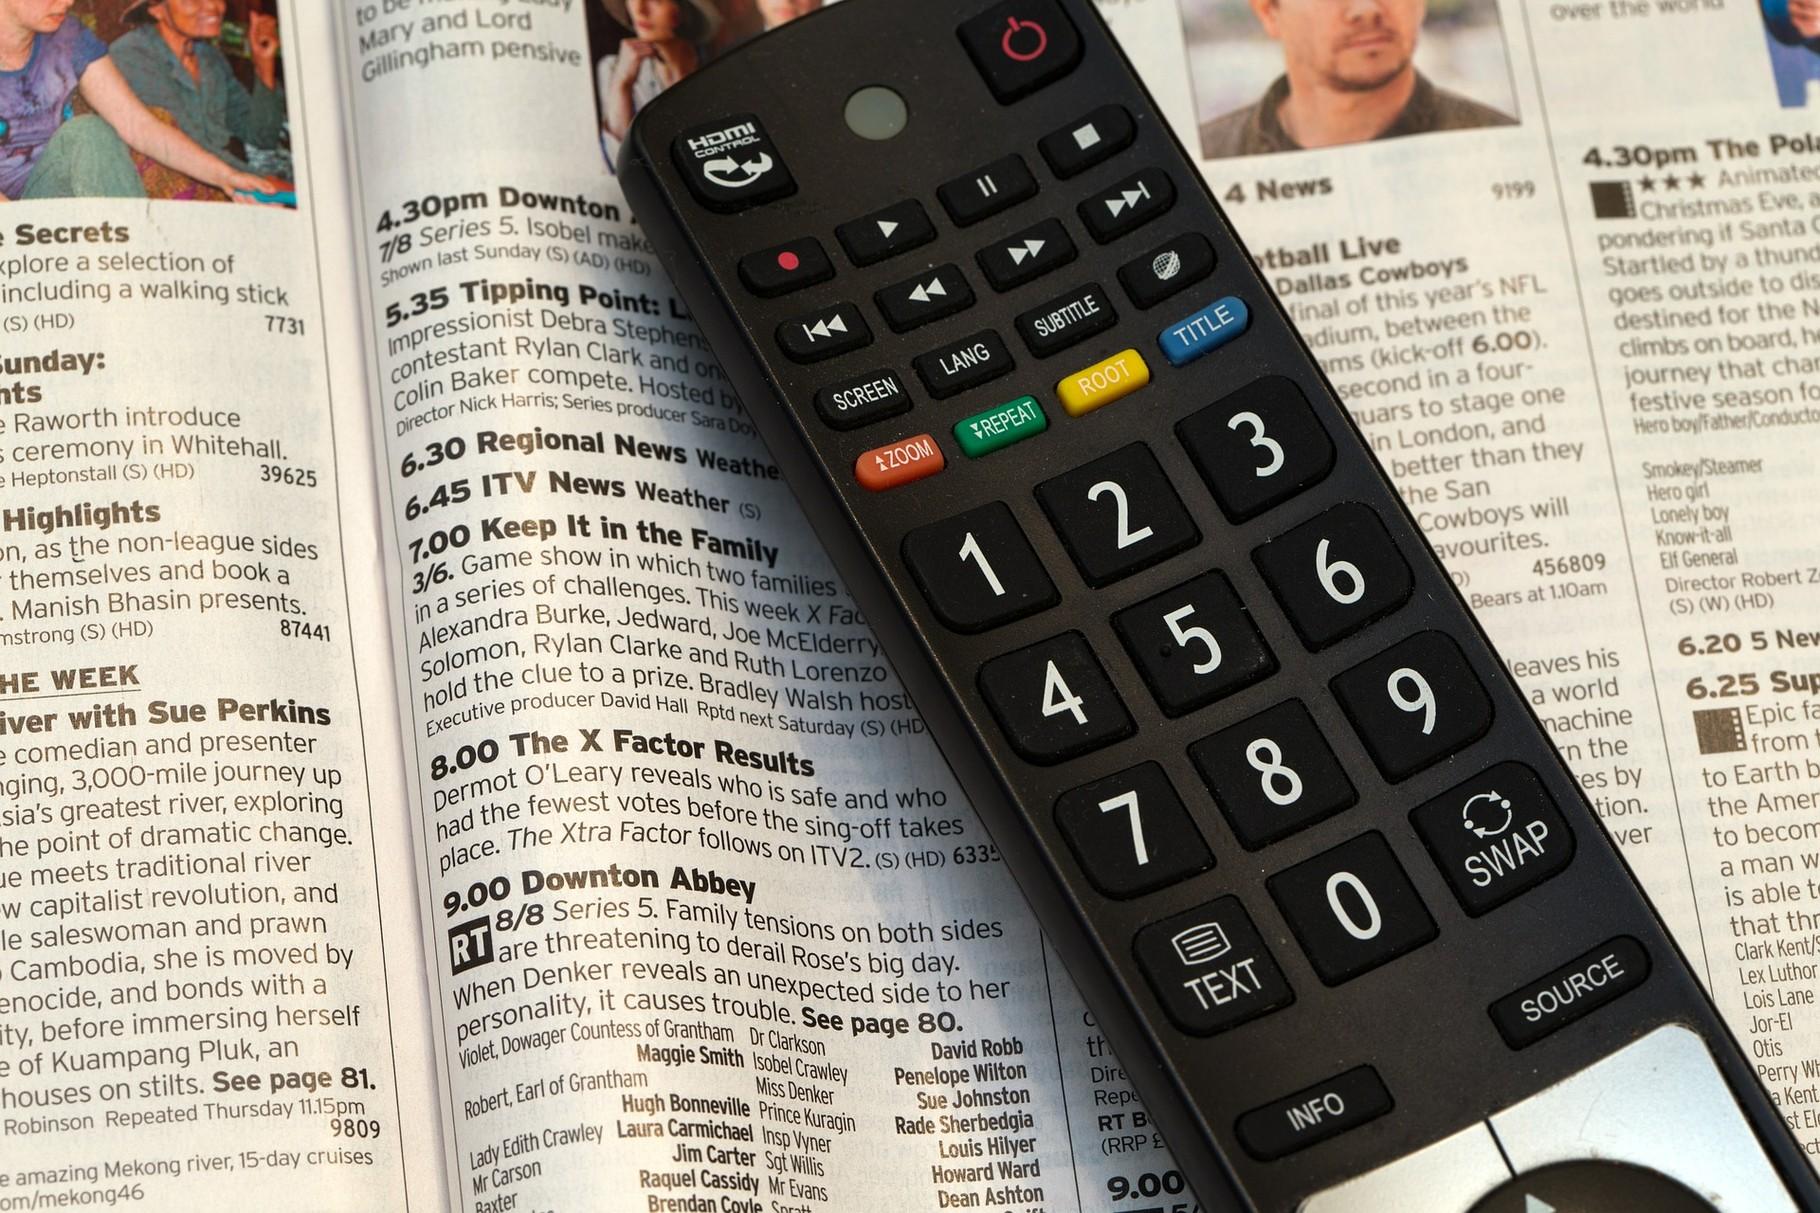 3. Fernsehen bleibt auch heutzutage eine beliebte Freizeitbeschäftigung. Die meisten von uns verbringen hiermit jeden Tag 2 - 3 Stunden (http://de.statista.com/statistik/daten/studie/171229/umfrage/durchschnittlicher-fernsehkonsum-pro-werktag/)